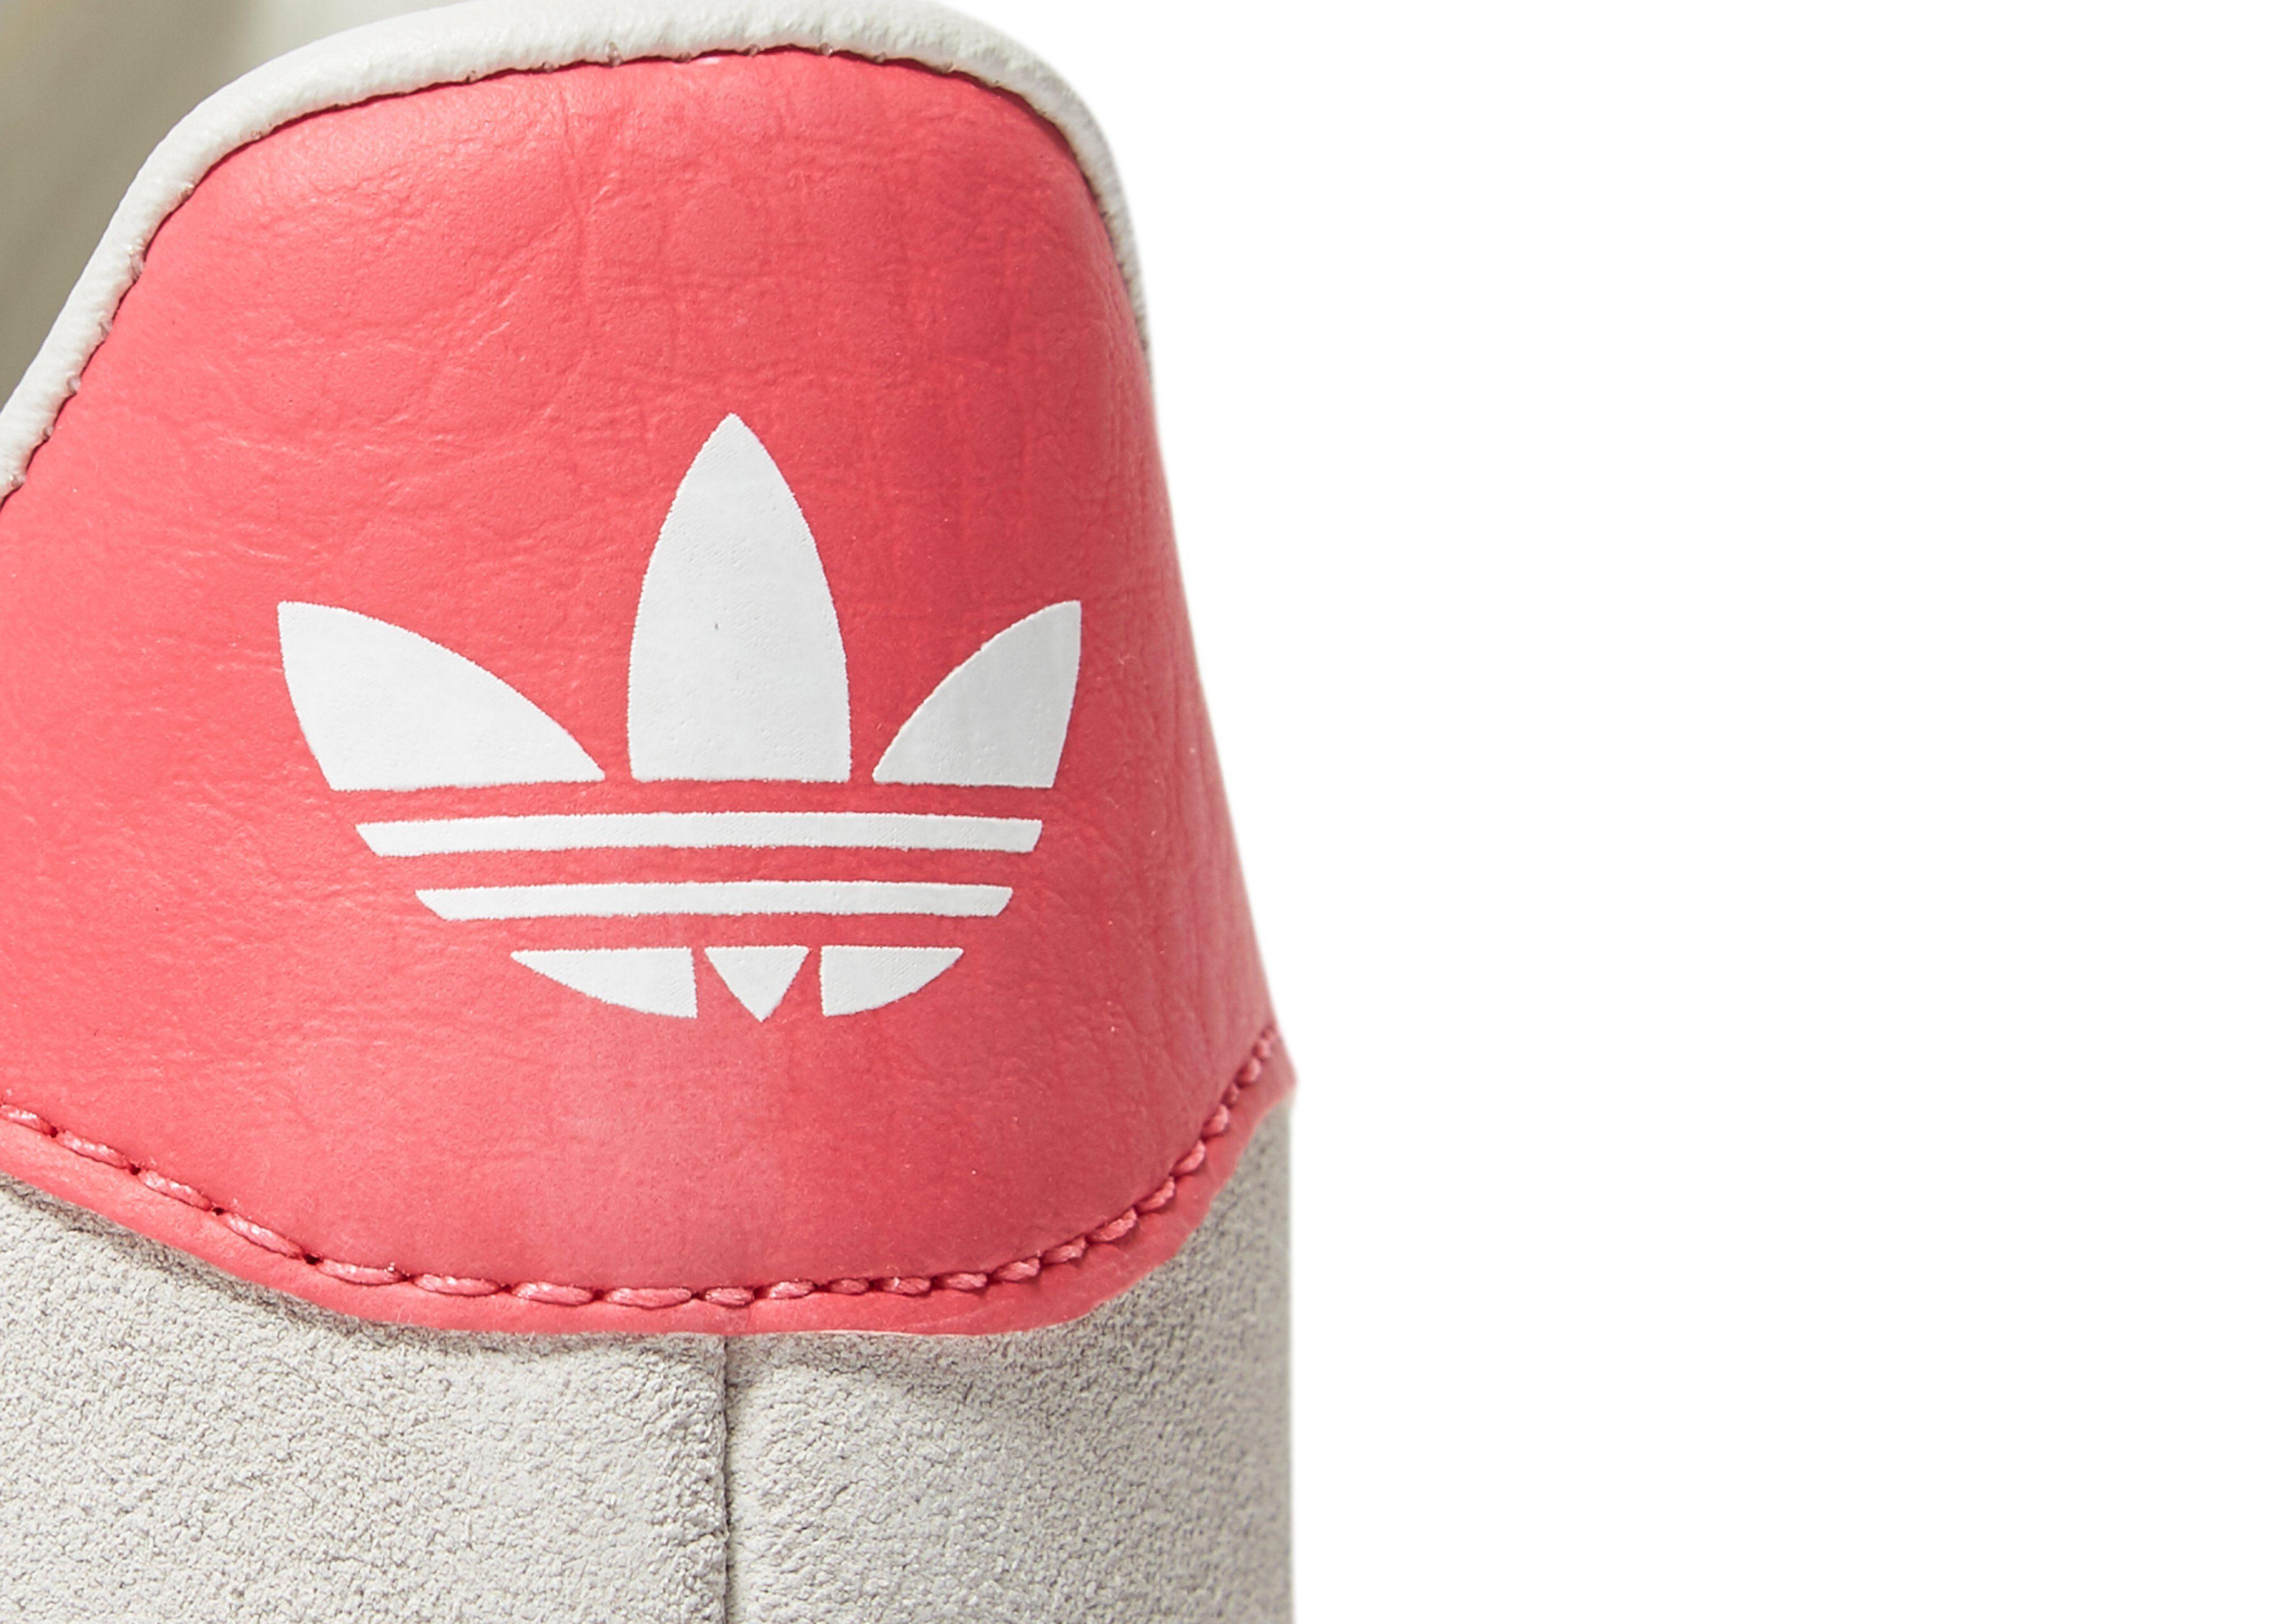 2018 Neuer Online-Verkauf adidas Originals Gazelle II Junior Grau Verkaufsfachmann Auslass Niedriger Preis Online Einkaufen EVBbcyIY